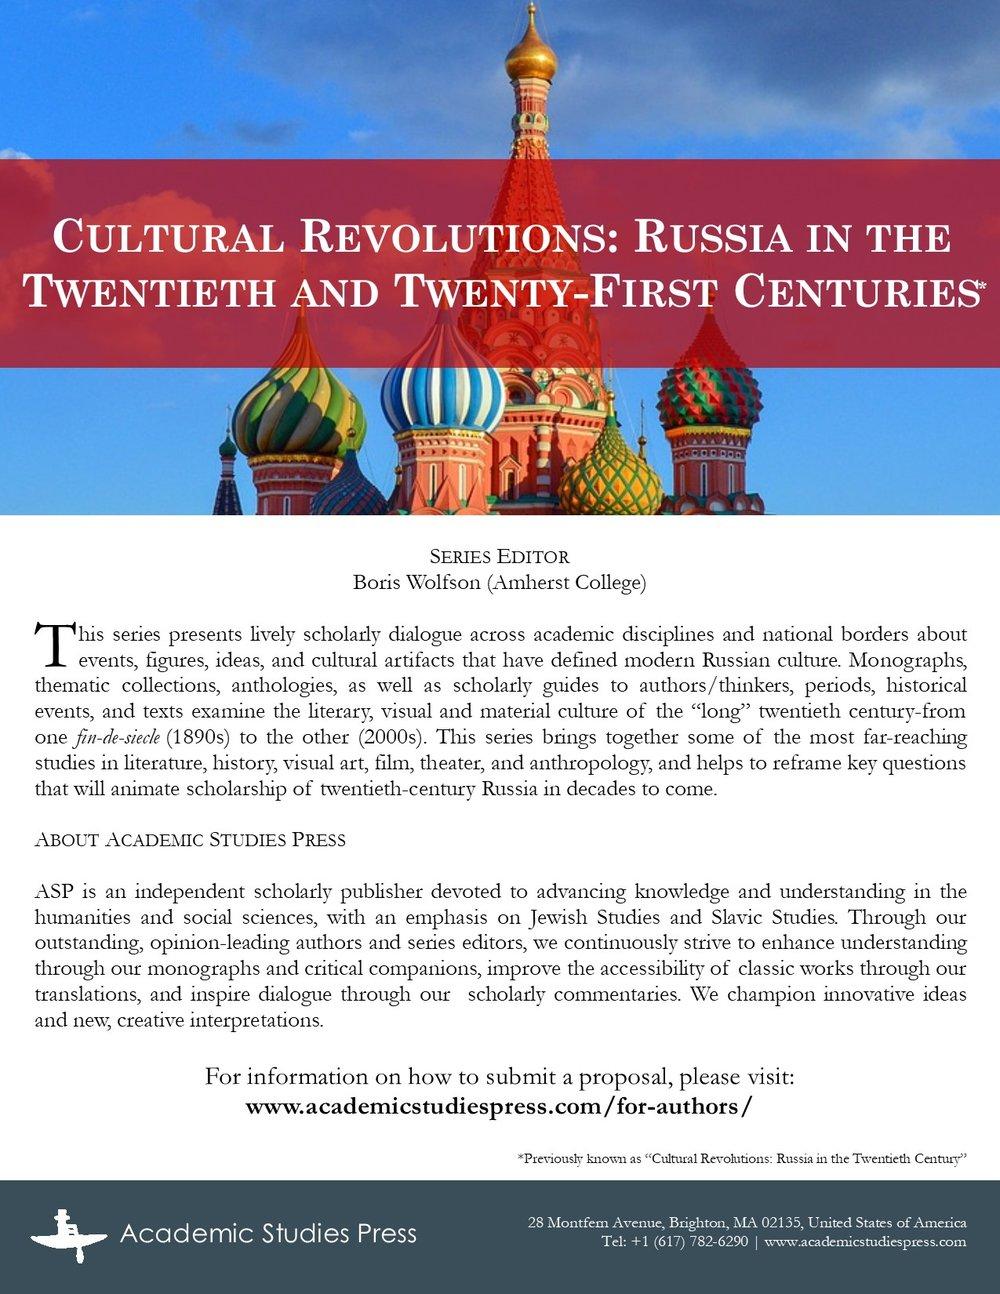 Cultural Revolutions Flyer.jpg